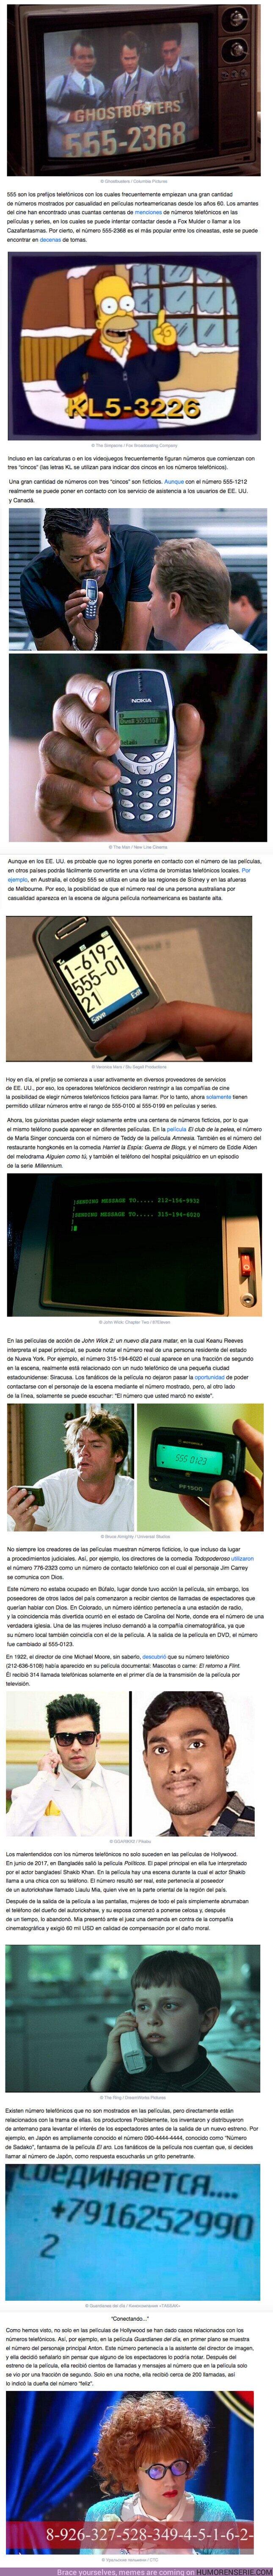 63106 - GALERÍA: Esto es lo que pasa si llamas a los números telefónicos que salen en las películas y series de televisión